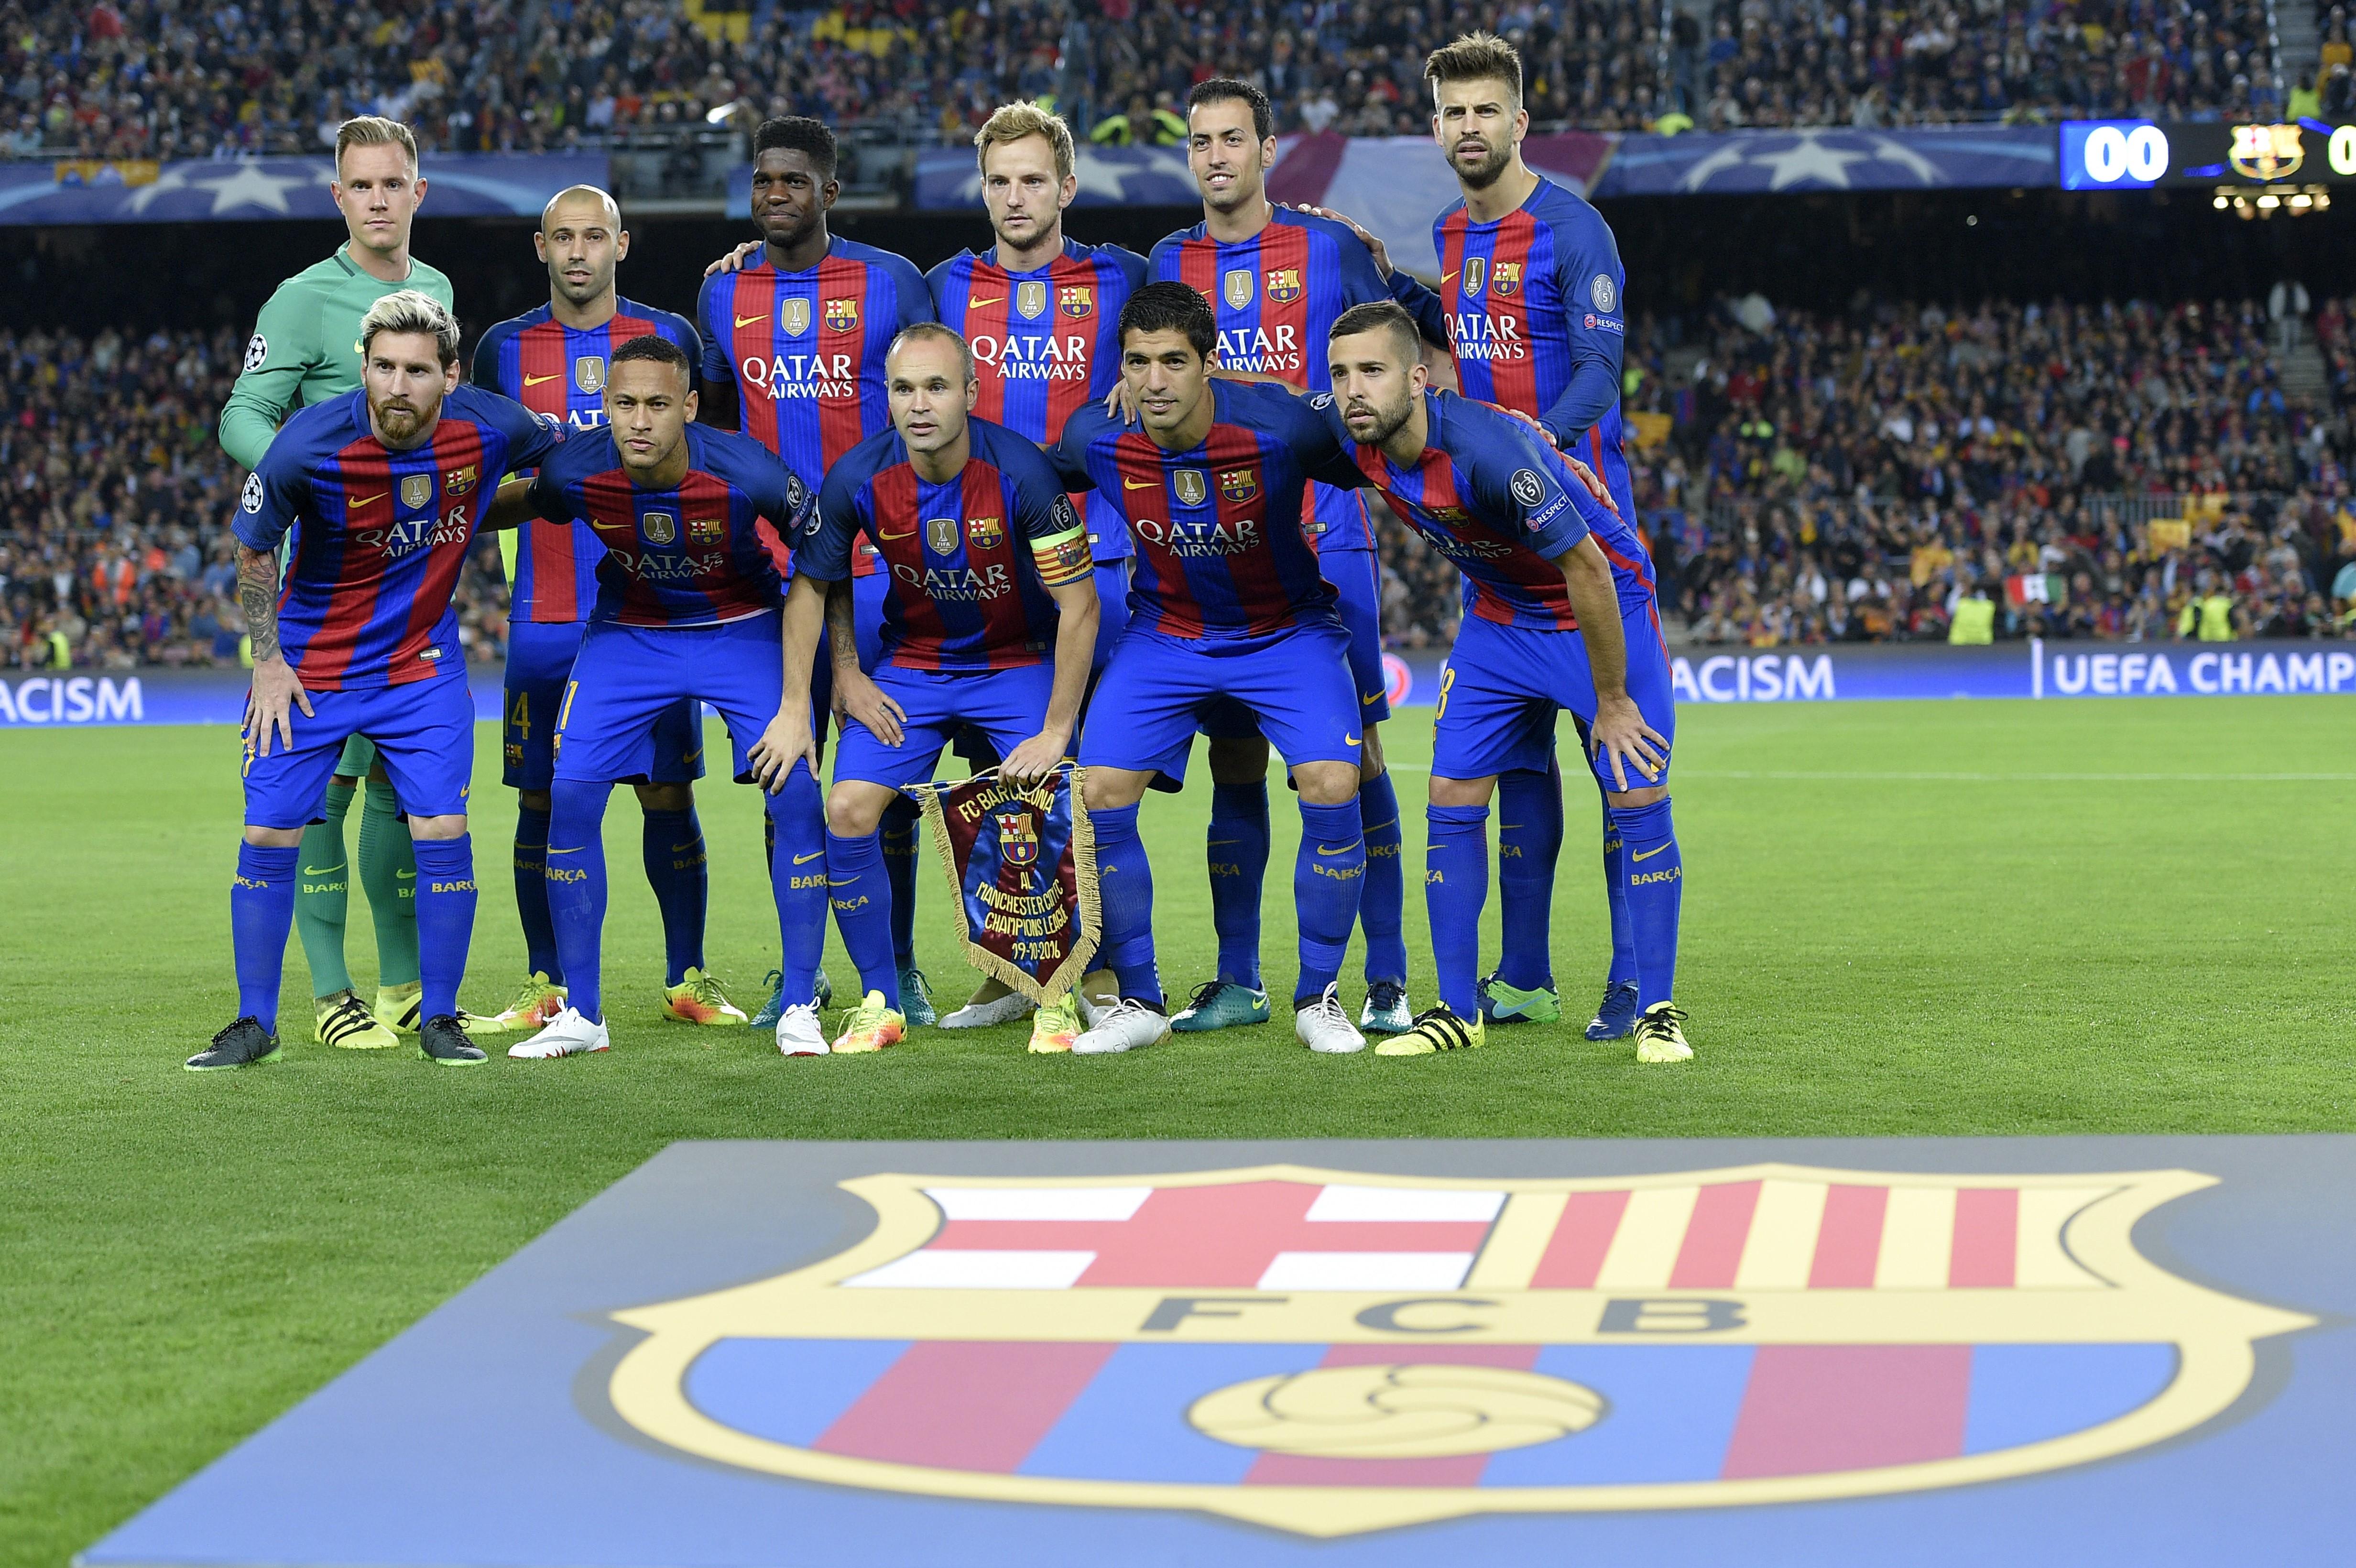 Le onze du FC Barcelone avant son match de Ligue des Champions contre Manchester City le 19 octobre 2016